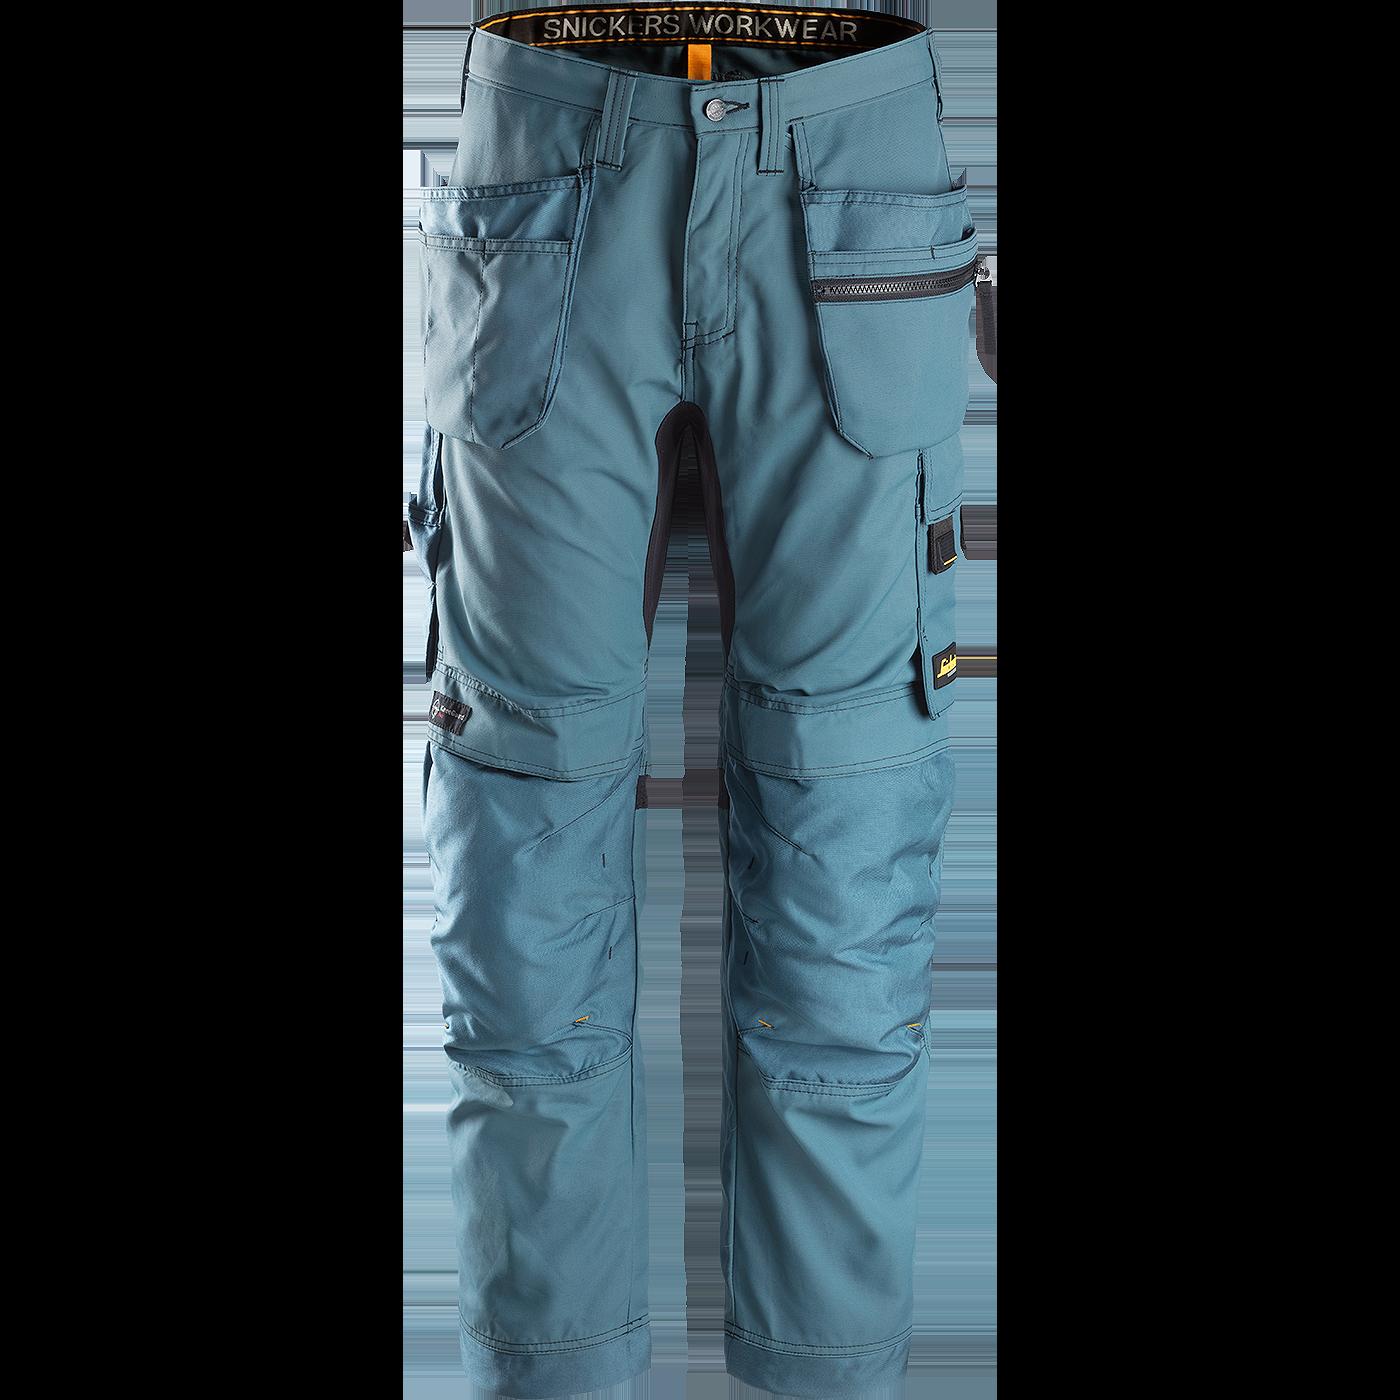 OCEAN ABEKO Hi-Vis Abo водонепроницаемая рабочая тонкая куртка